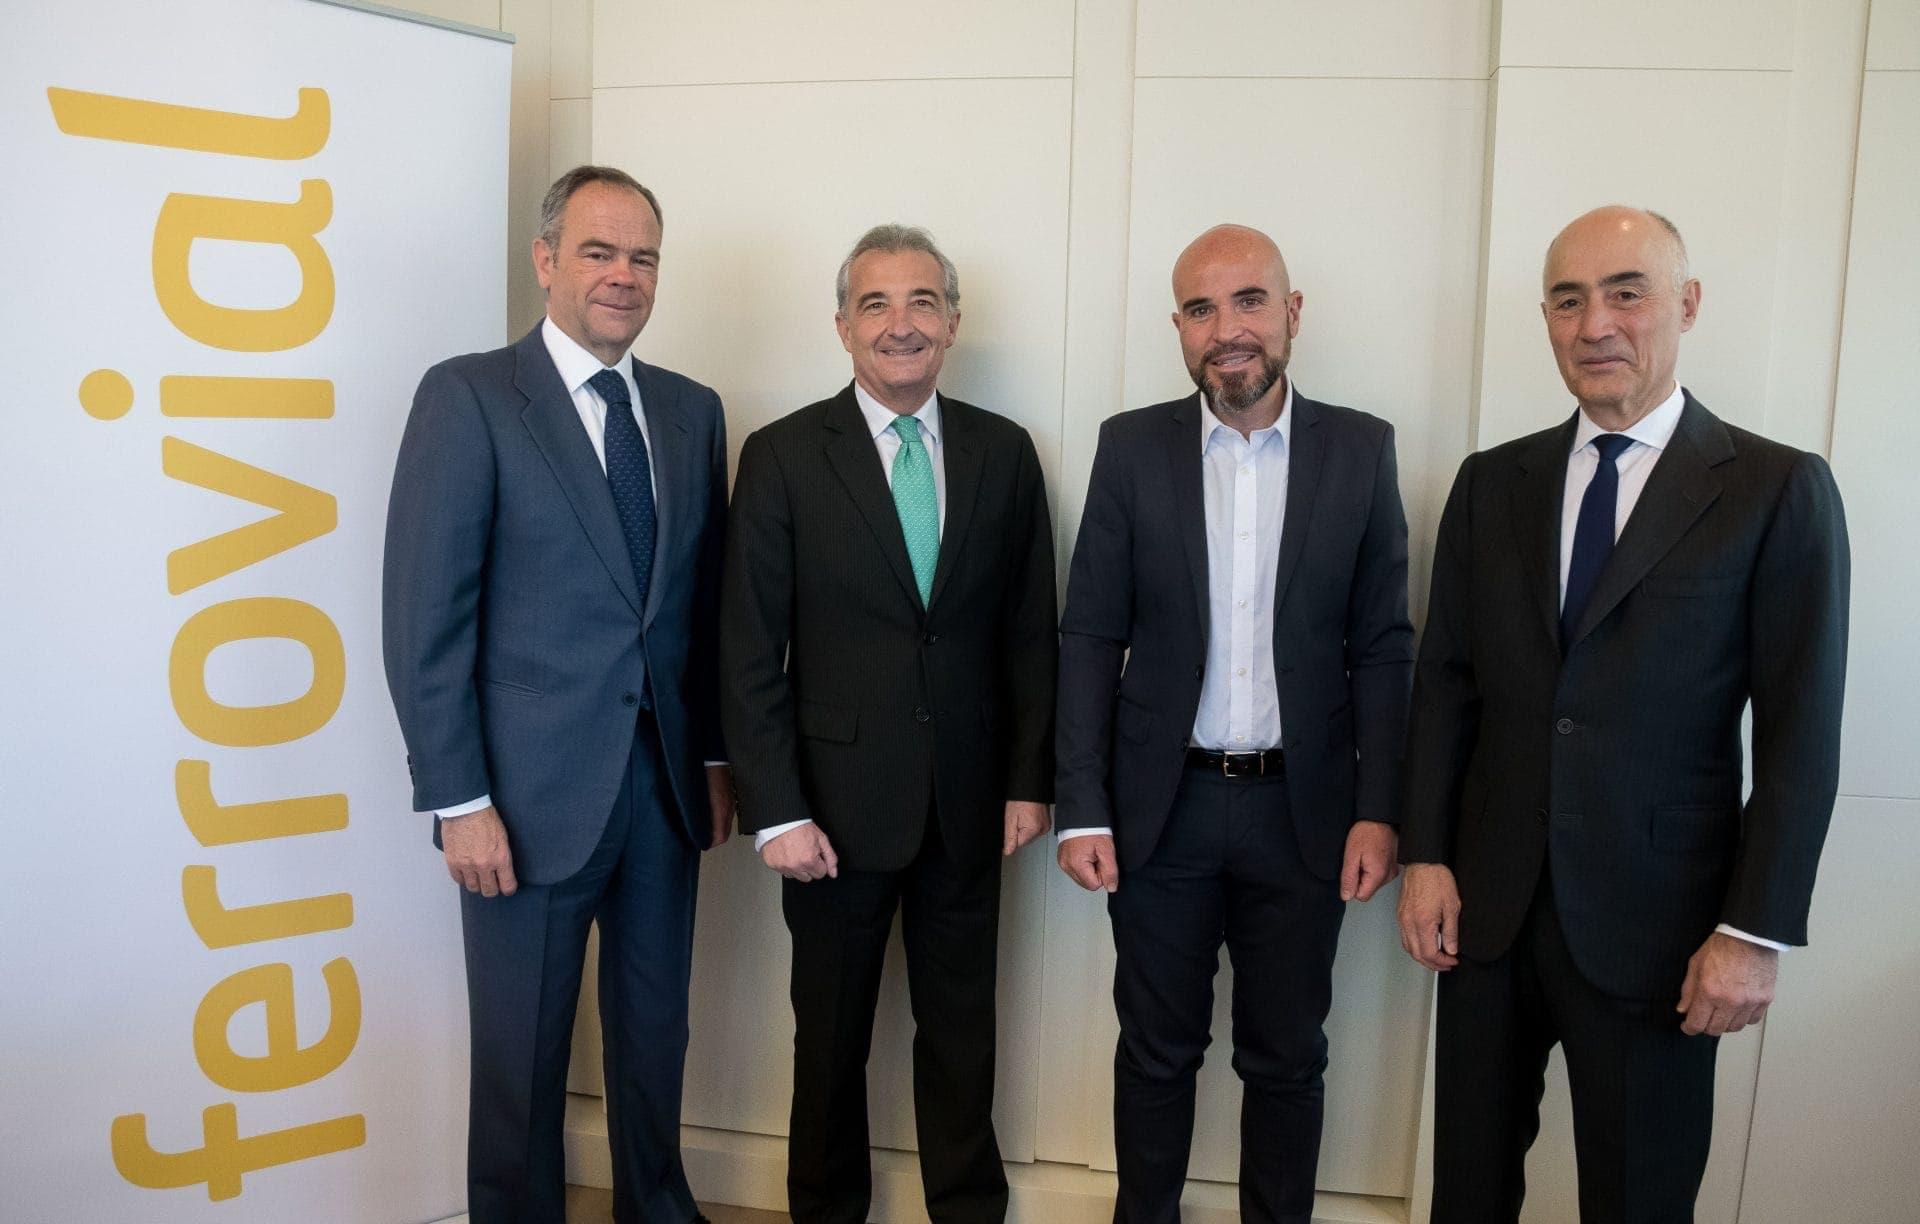 De izquierda a derecha: Íñigo Meirás, consejero delegado de Ferrovial; José Ignacio Caballero, presidente de la comisión delegada de la Fundación Altius; Pablo Aledo Martínez, director general de la Fundación Altius; y Rafael del Pino, presidente de Ferrovial.